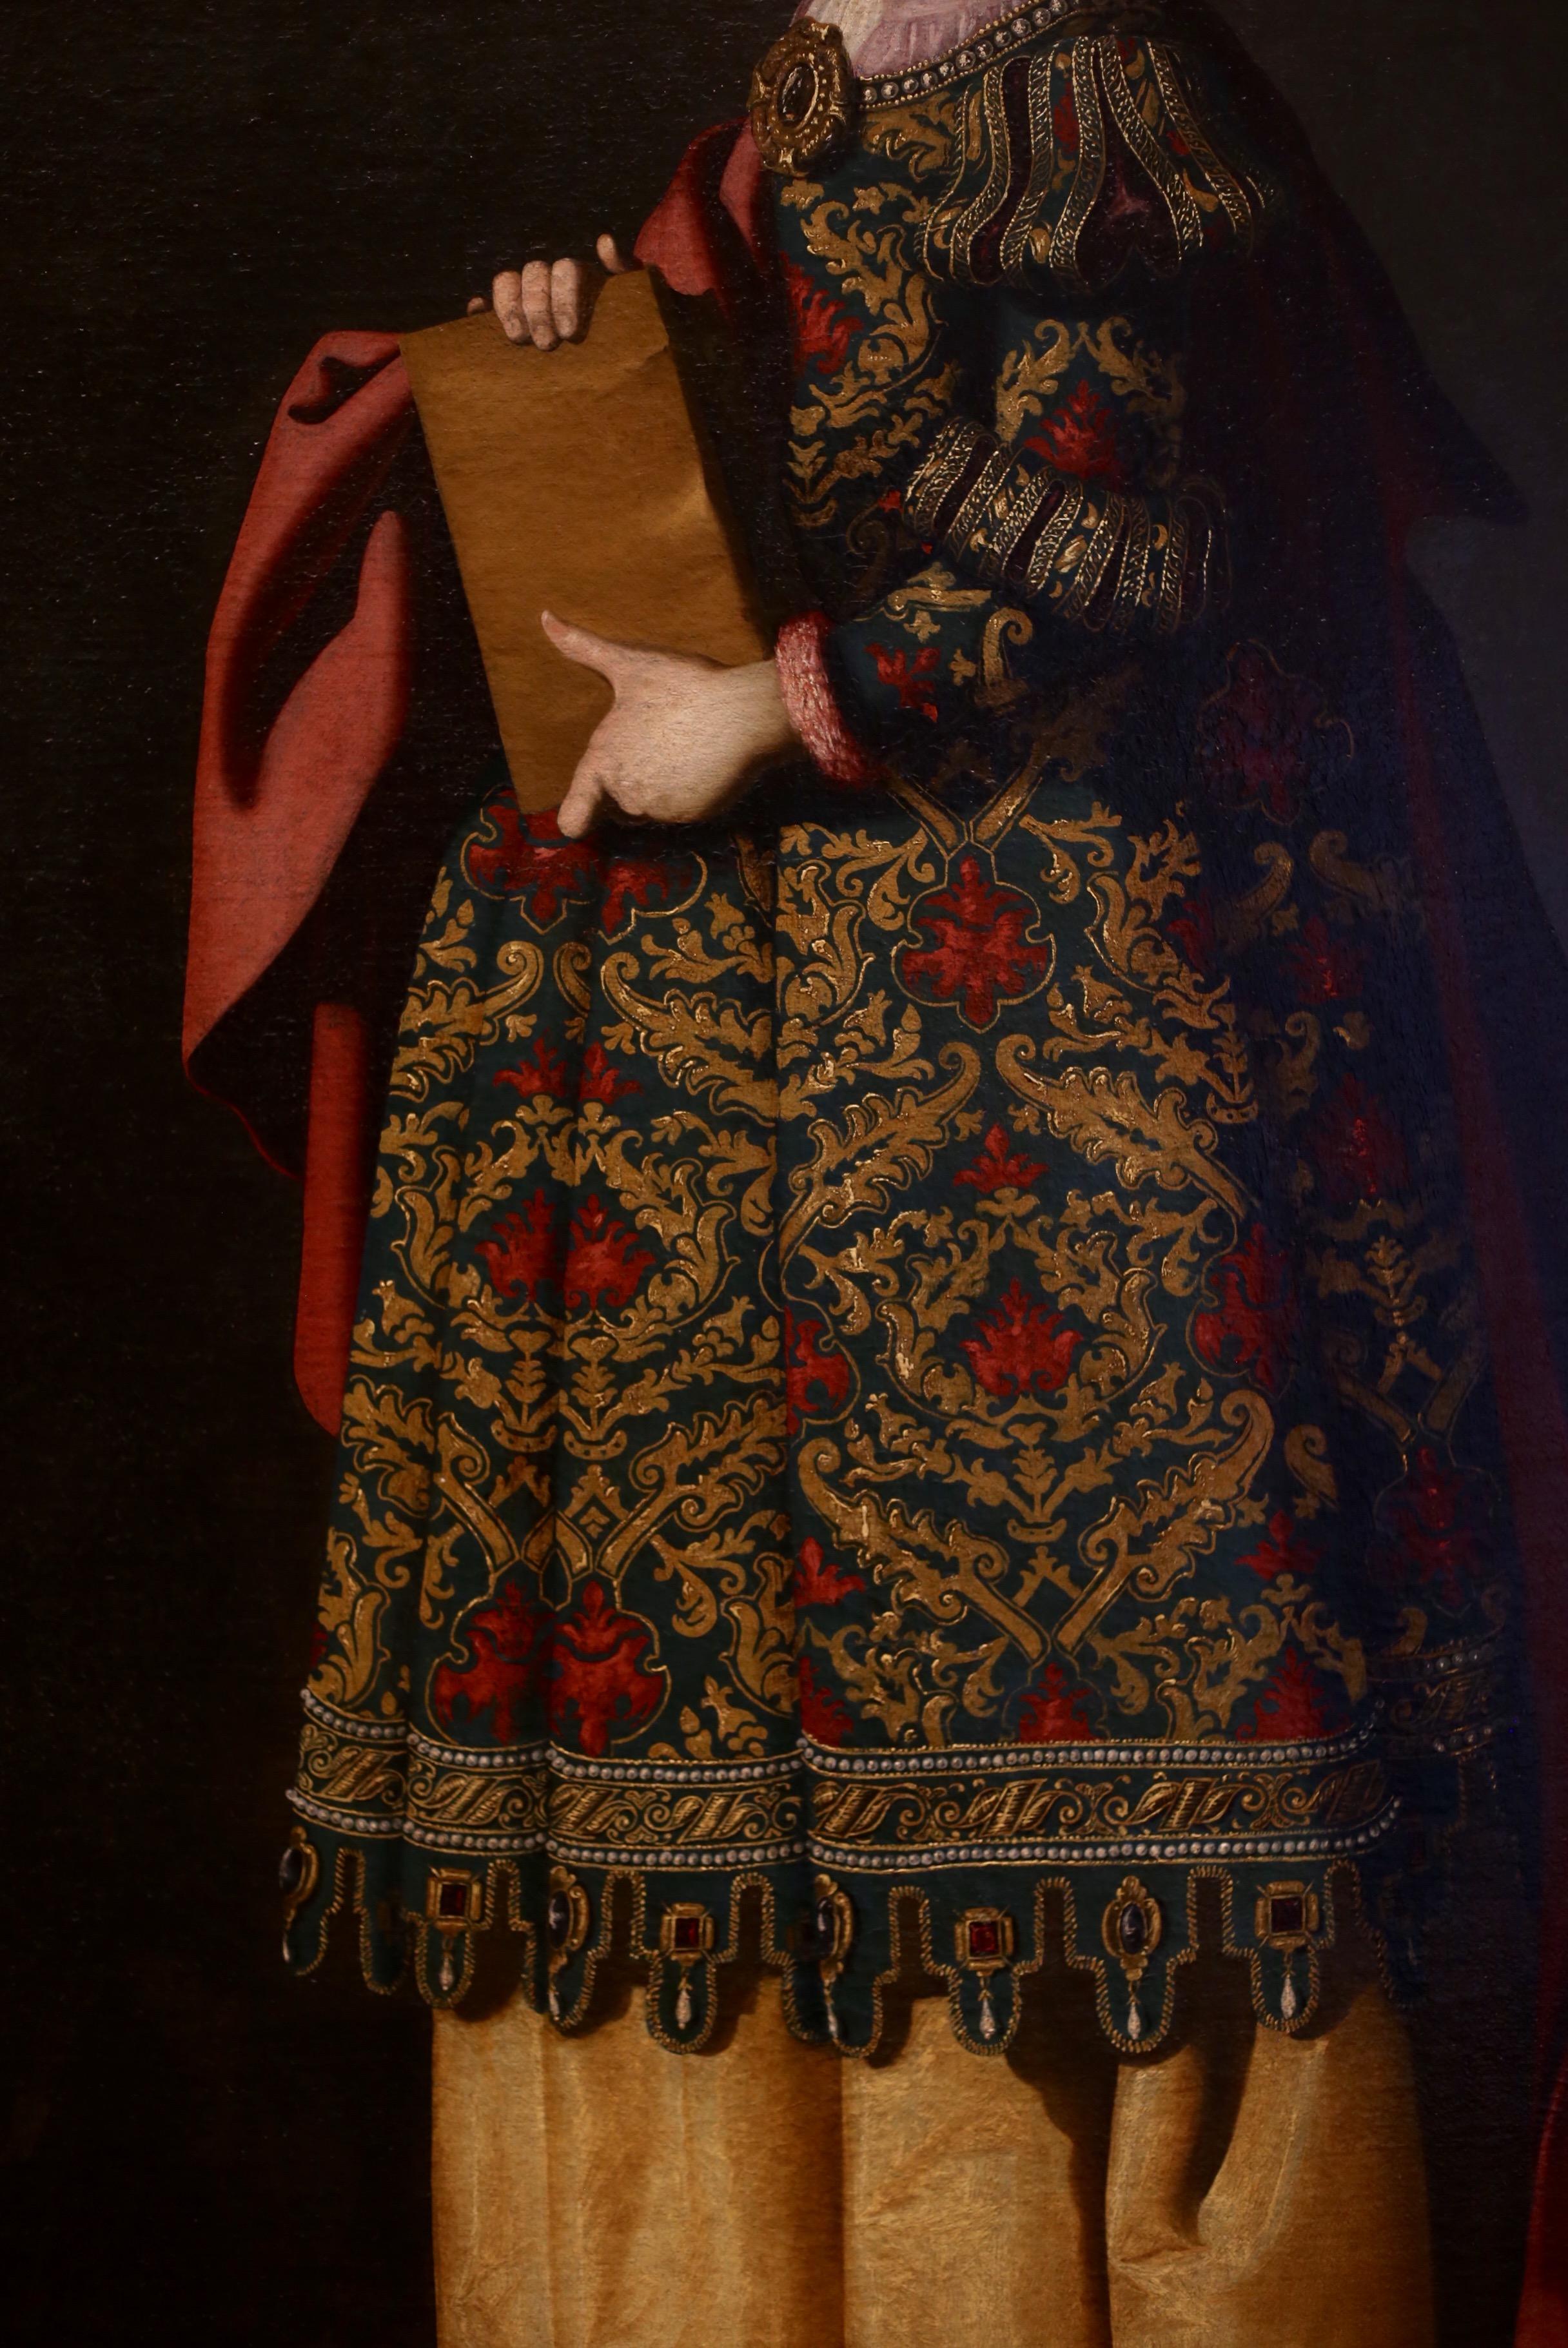 saint Matilde by taller de zurbaran